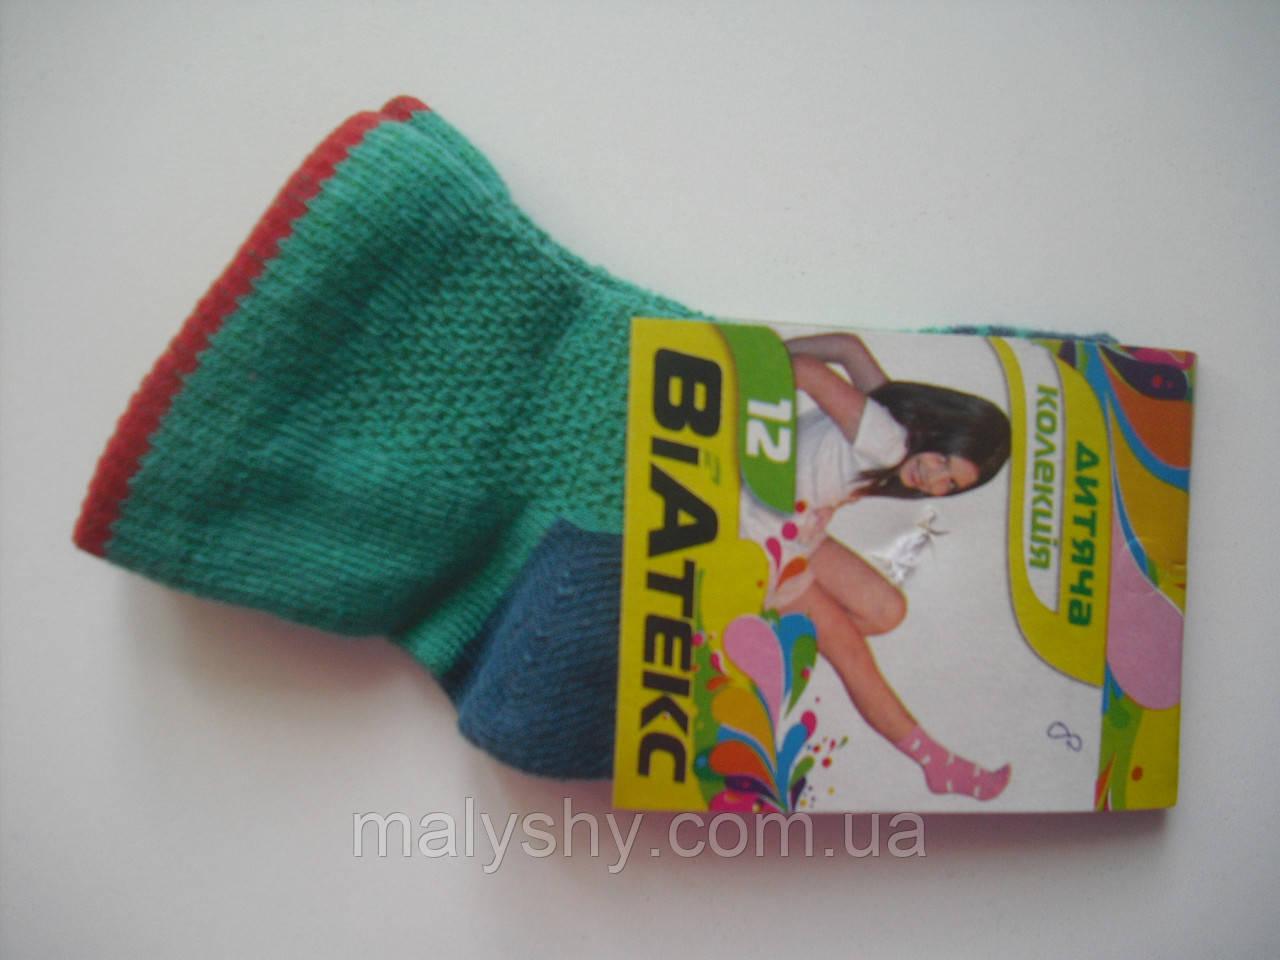 c8422eab4e289 Детские носки демисезонные - ВиАтекс р.12 (шкарпетки дитячі, ВіАтекс) -  Интернет